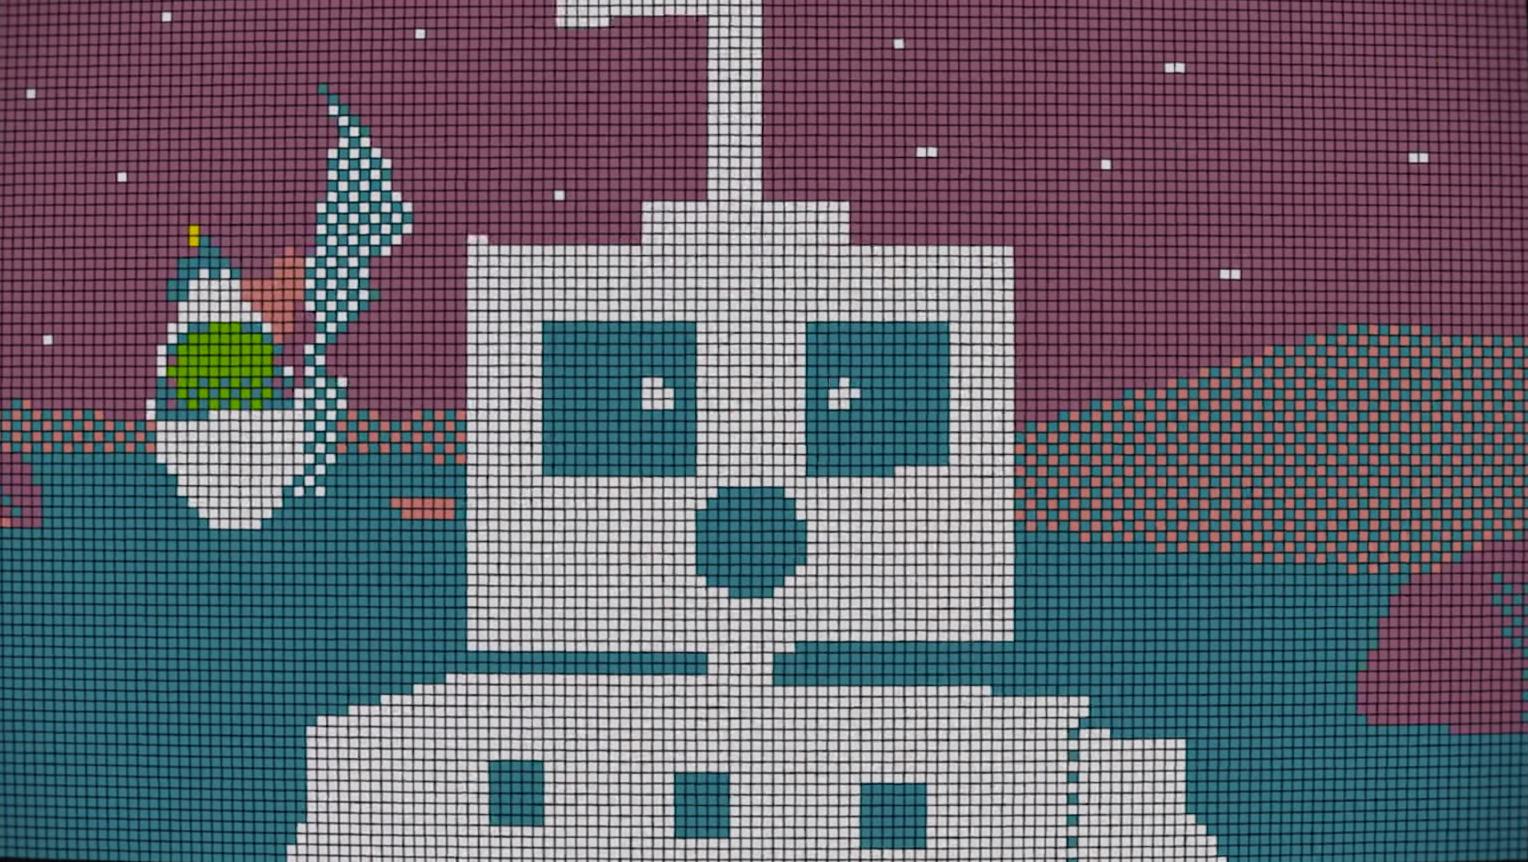 A Robot Love Story Built Of A Thousand Rubik's Cubes